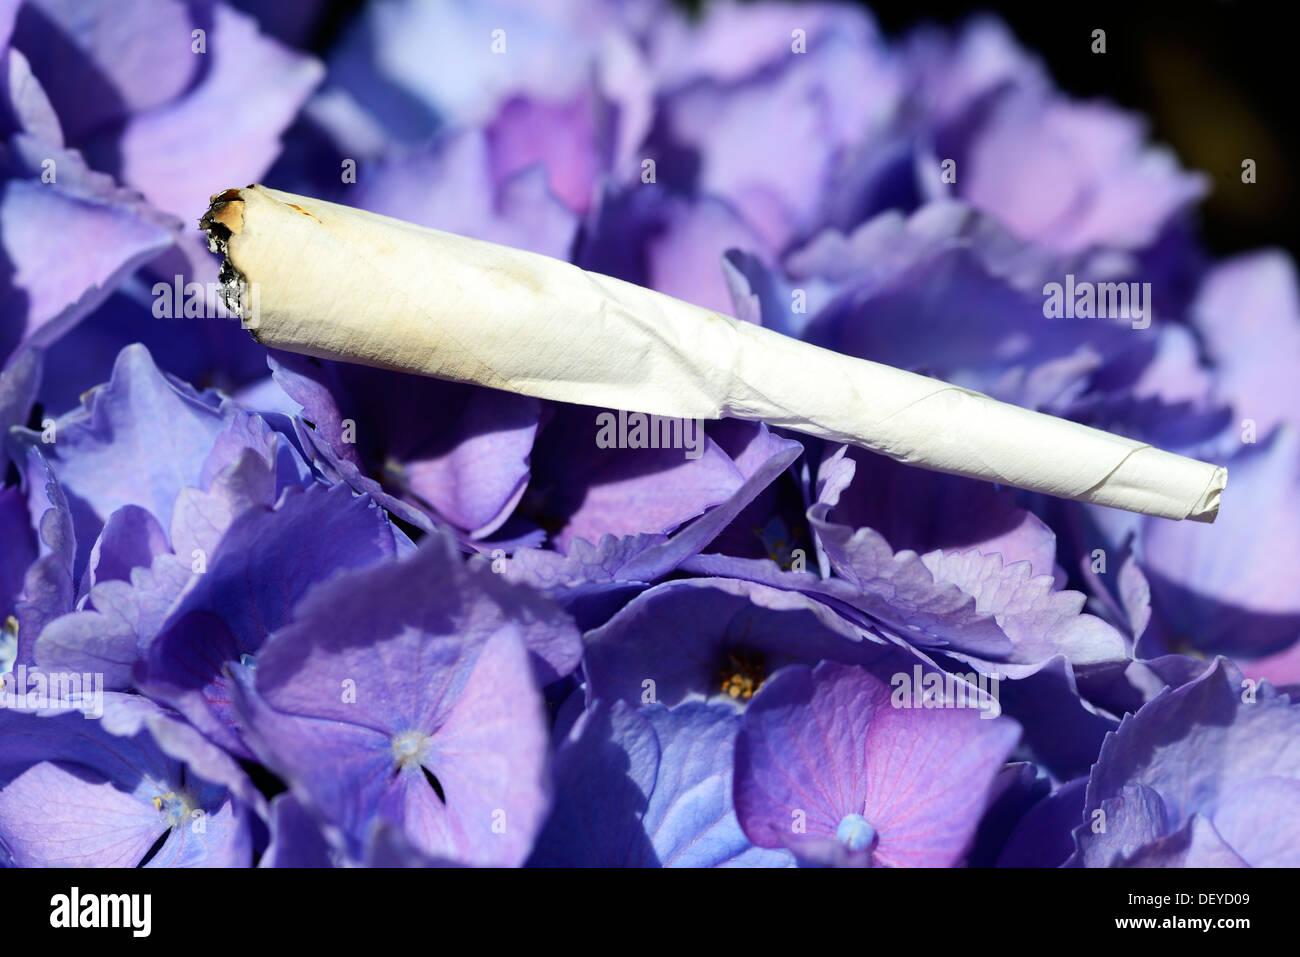 Joint on a hydrangea, smoke from hydrangea sheets, Joint auf einer Hortensie, rauchen von Hortensienblättern - Stock Image